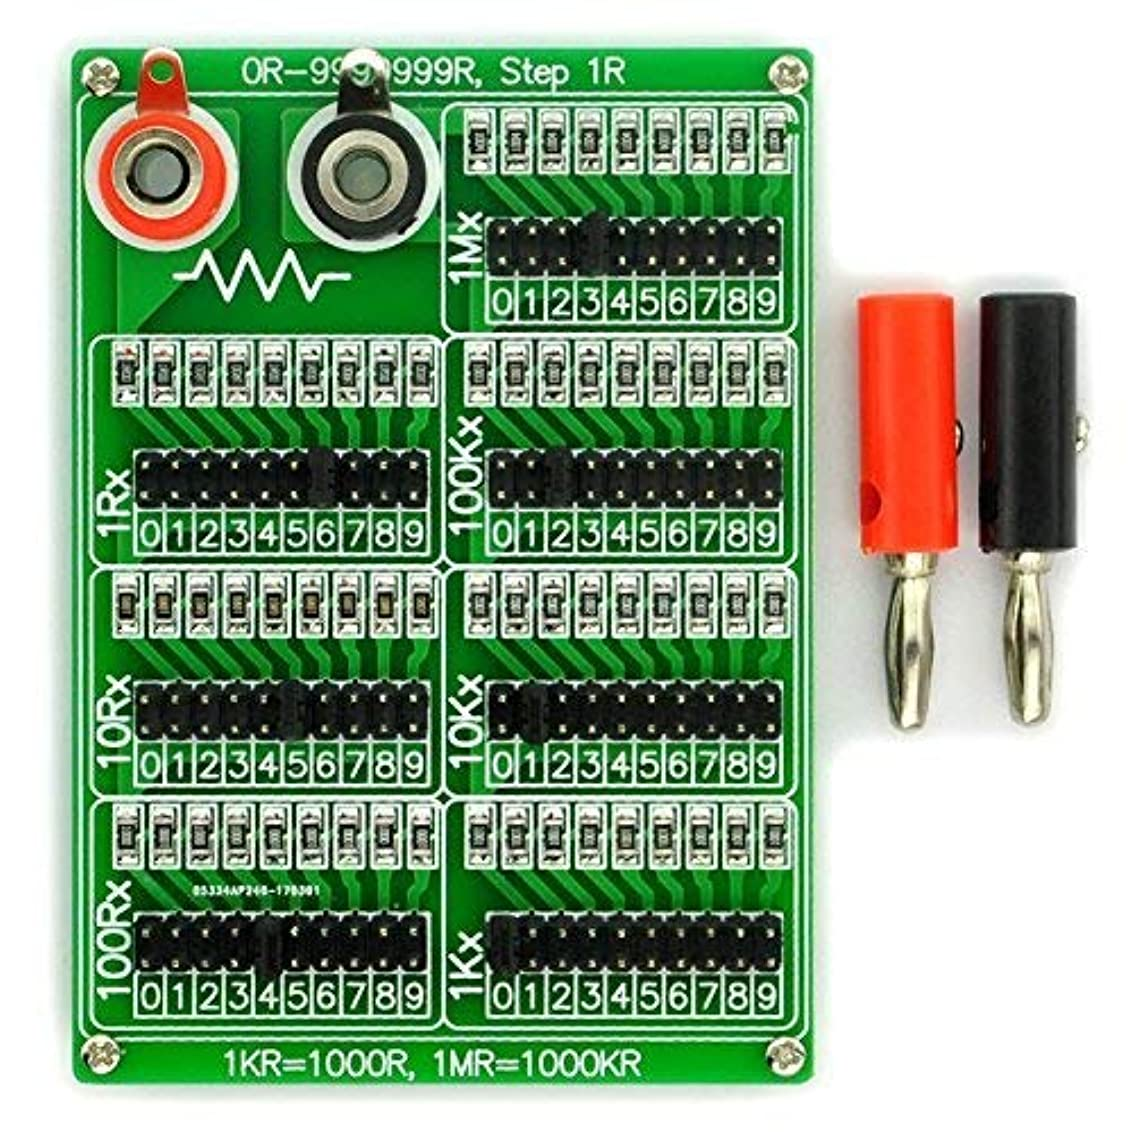 抜け目のないビリーバーマドElectronics-Salon 1R - 9999999r 7十年 プログラマブル抵抗基板 ステップ1R 1%、1/4ワット